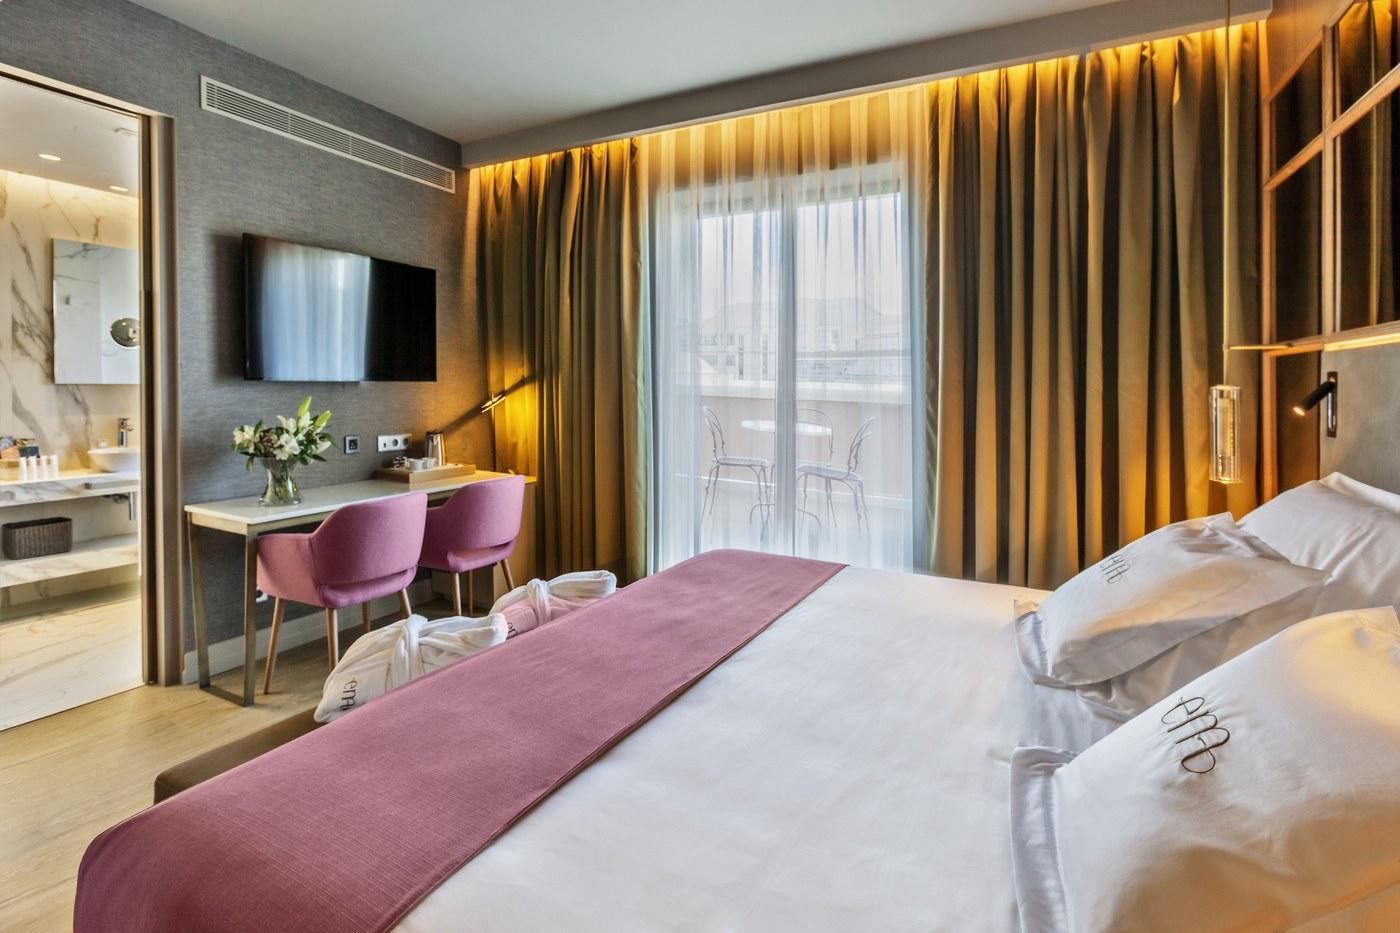 Barceló Emperatriz, el hotel inspirado en Eugenia de Montijo, te espera.